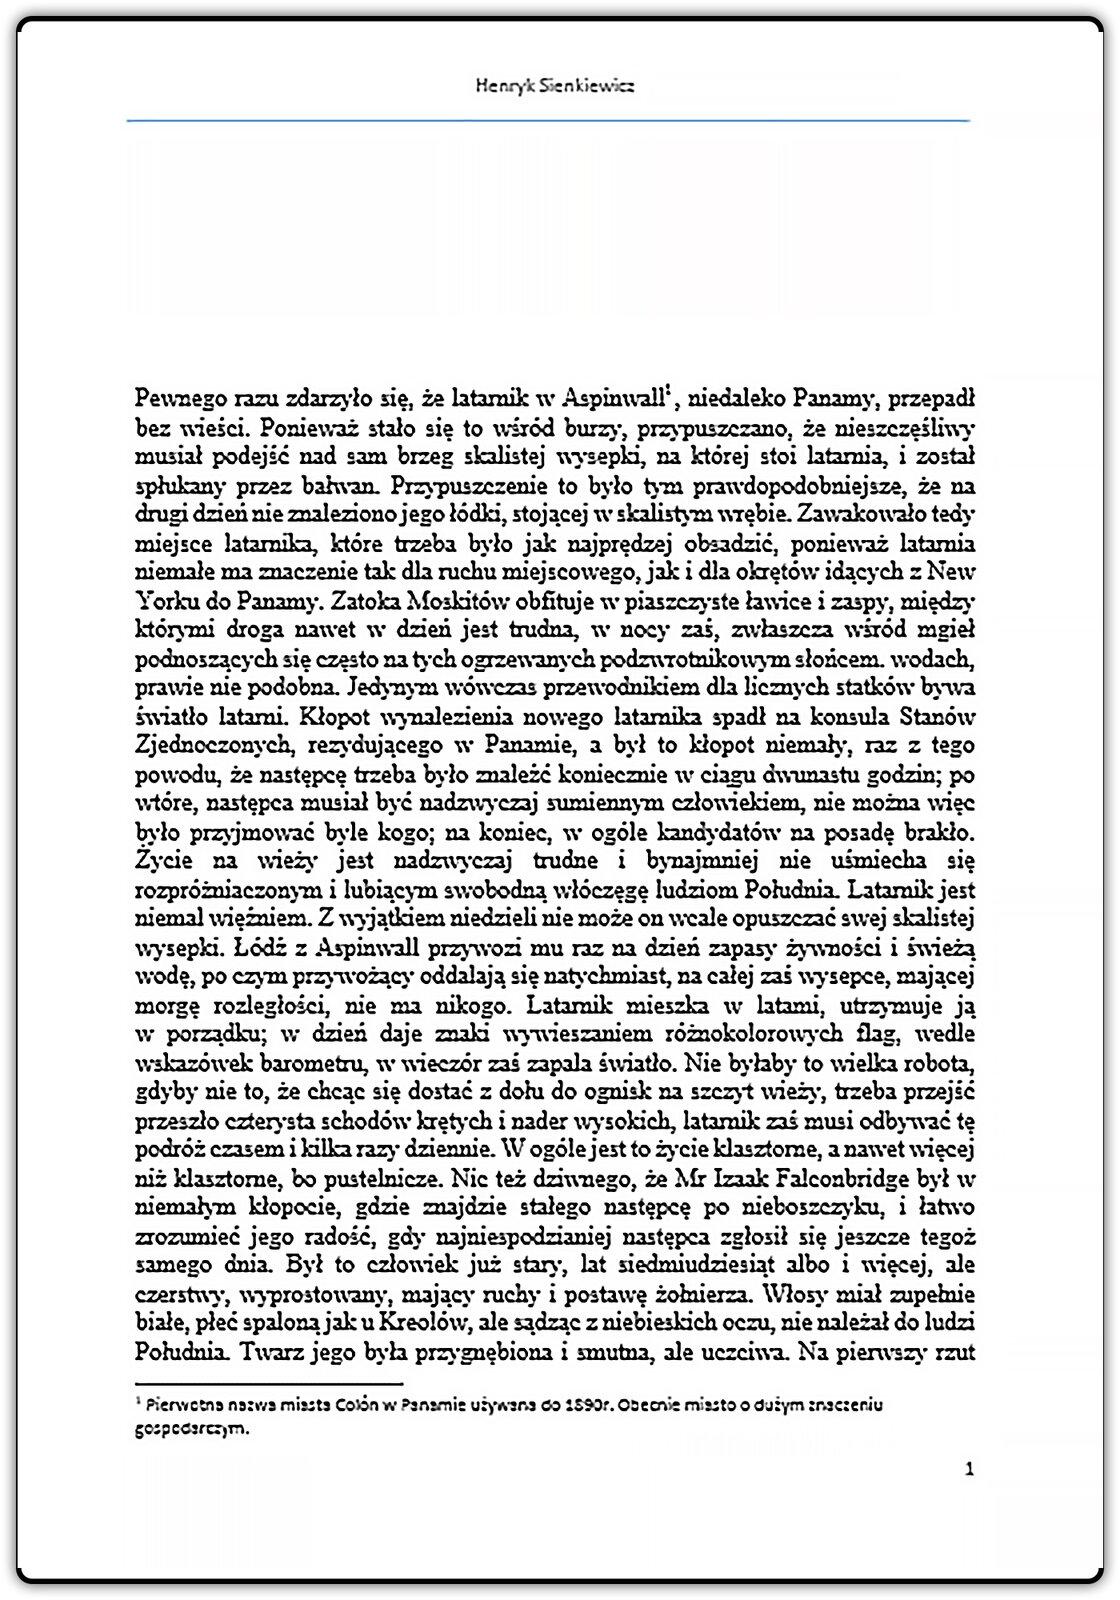 Slajd 3 galerii dokumentów prezentujących zastosowanie nagłówka istopki